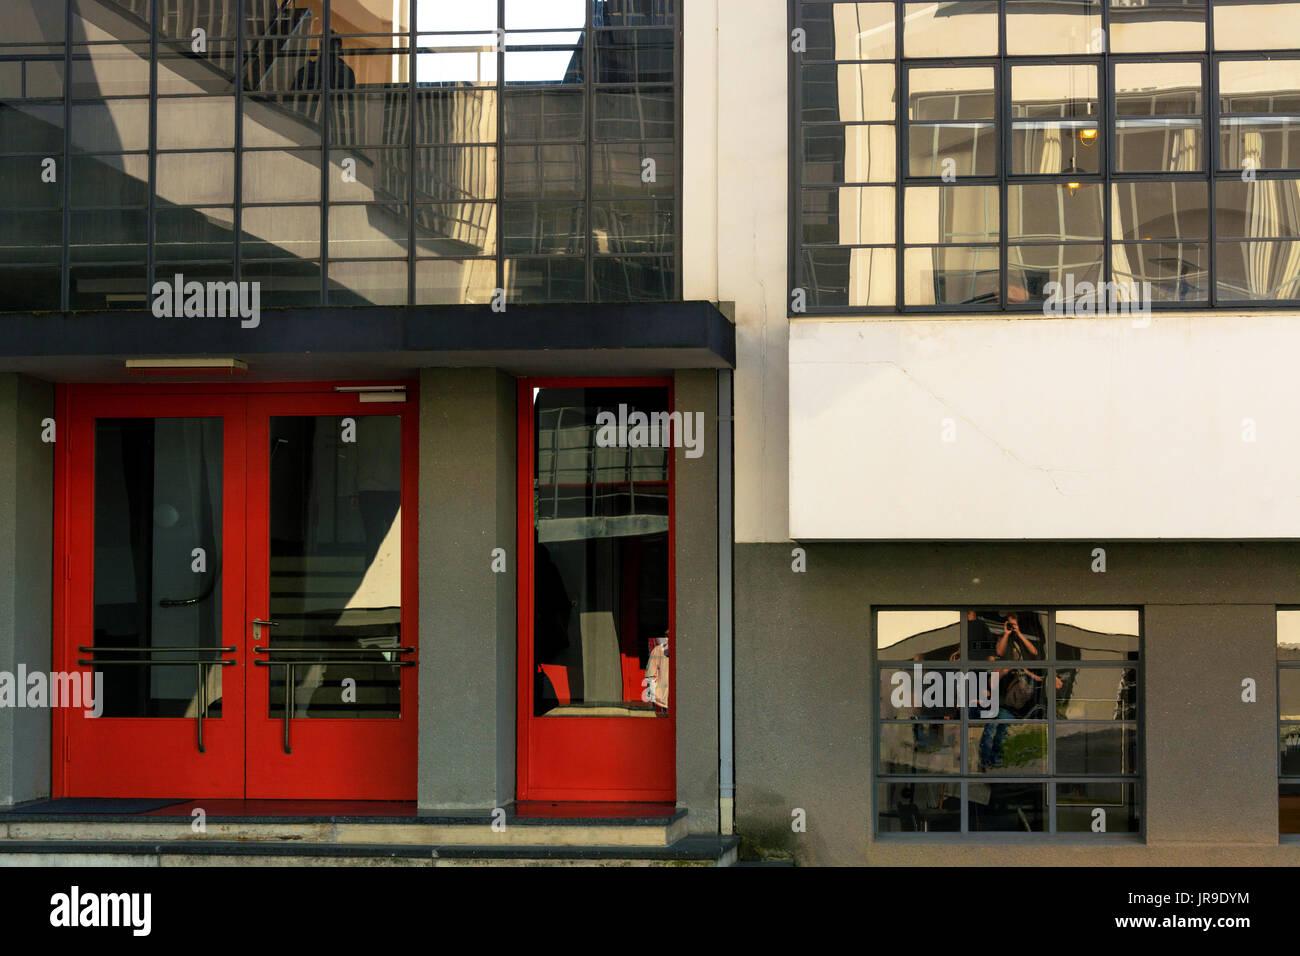 Le Bauhaus à Dessau 1925 conçu par l'architecte Walter Gropius. Les bâtiments de l'école de design, art et architecture. Banque D'Images